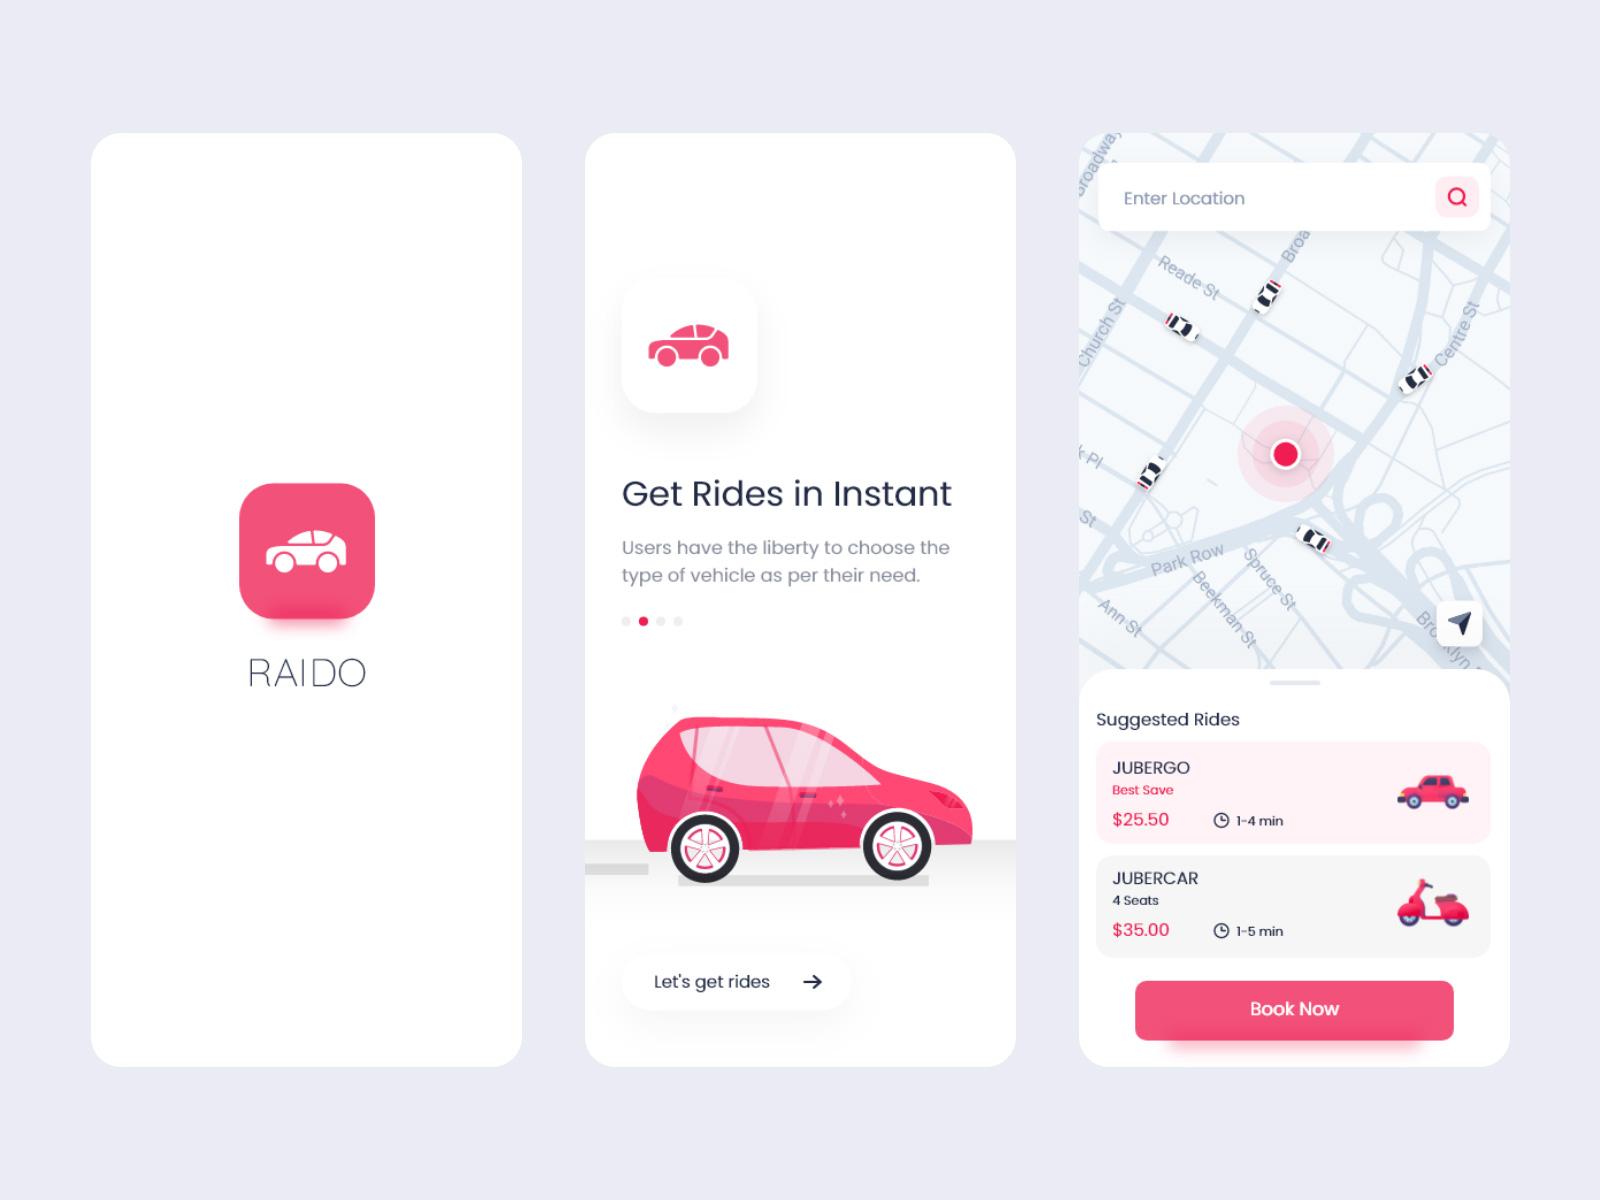 骑乘共享应用程序界面UI设计套件插图